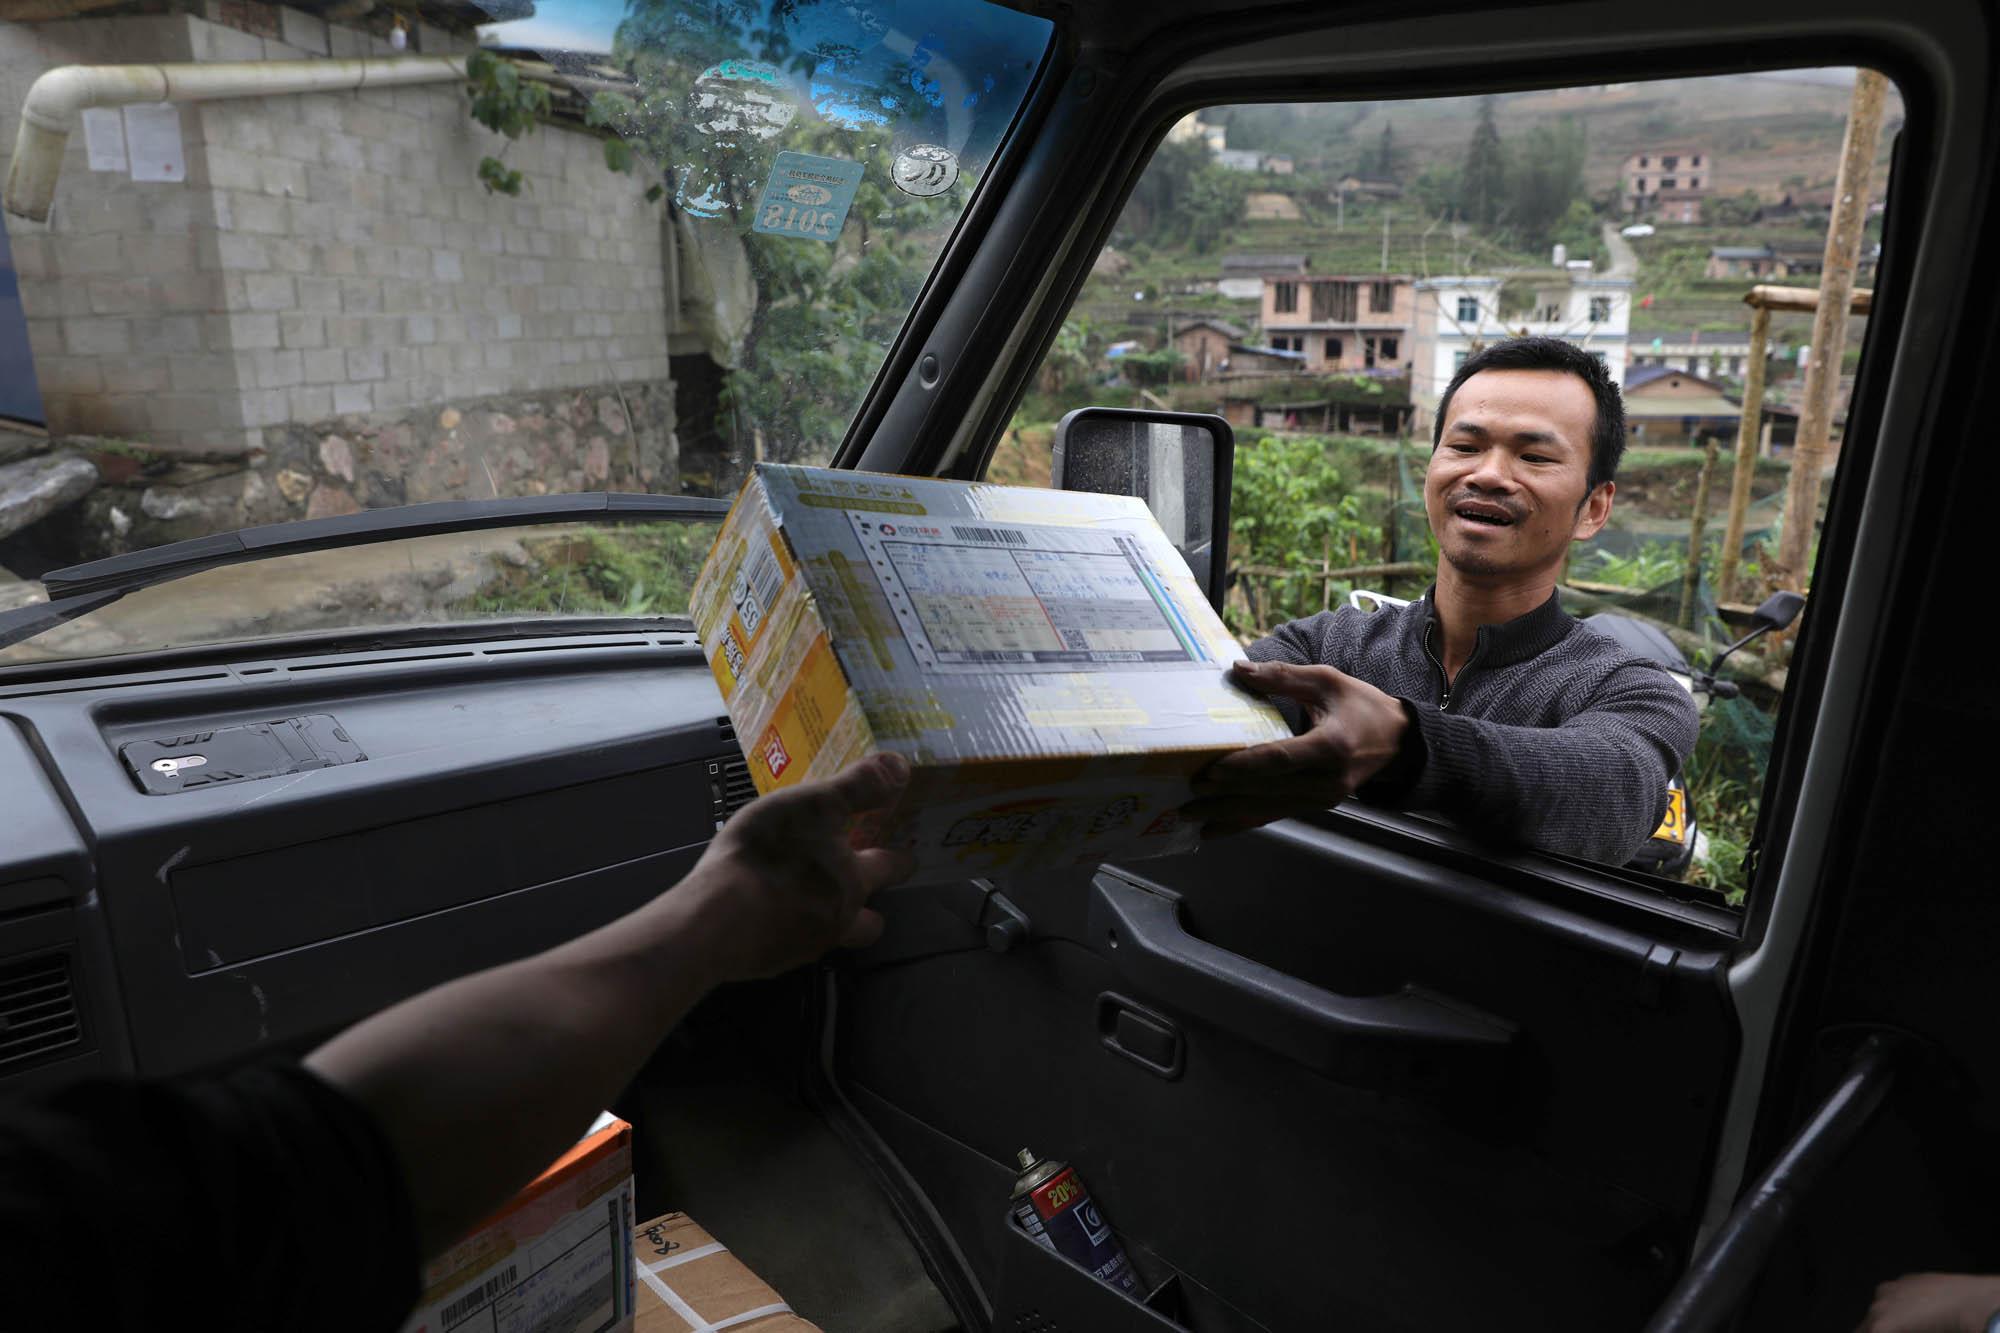 老邓也帮村民带点货